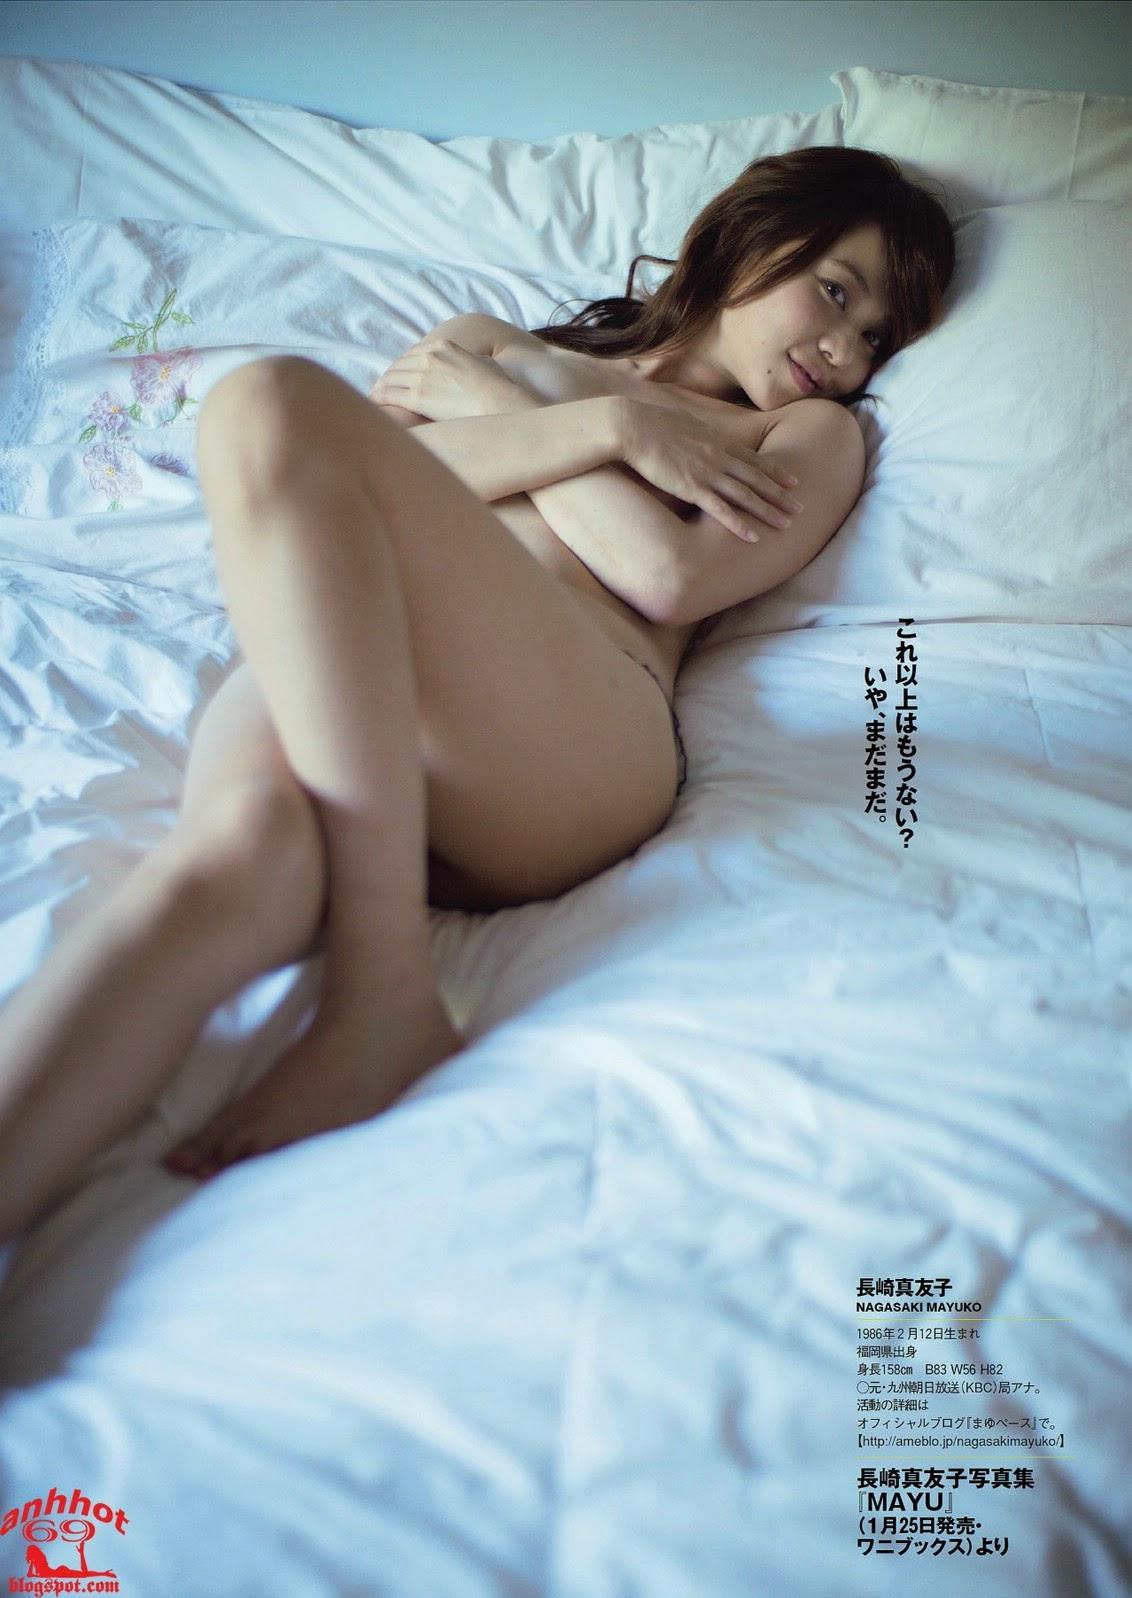 mayuko-nagasaki-02548759